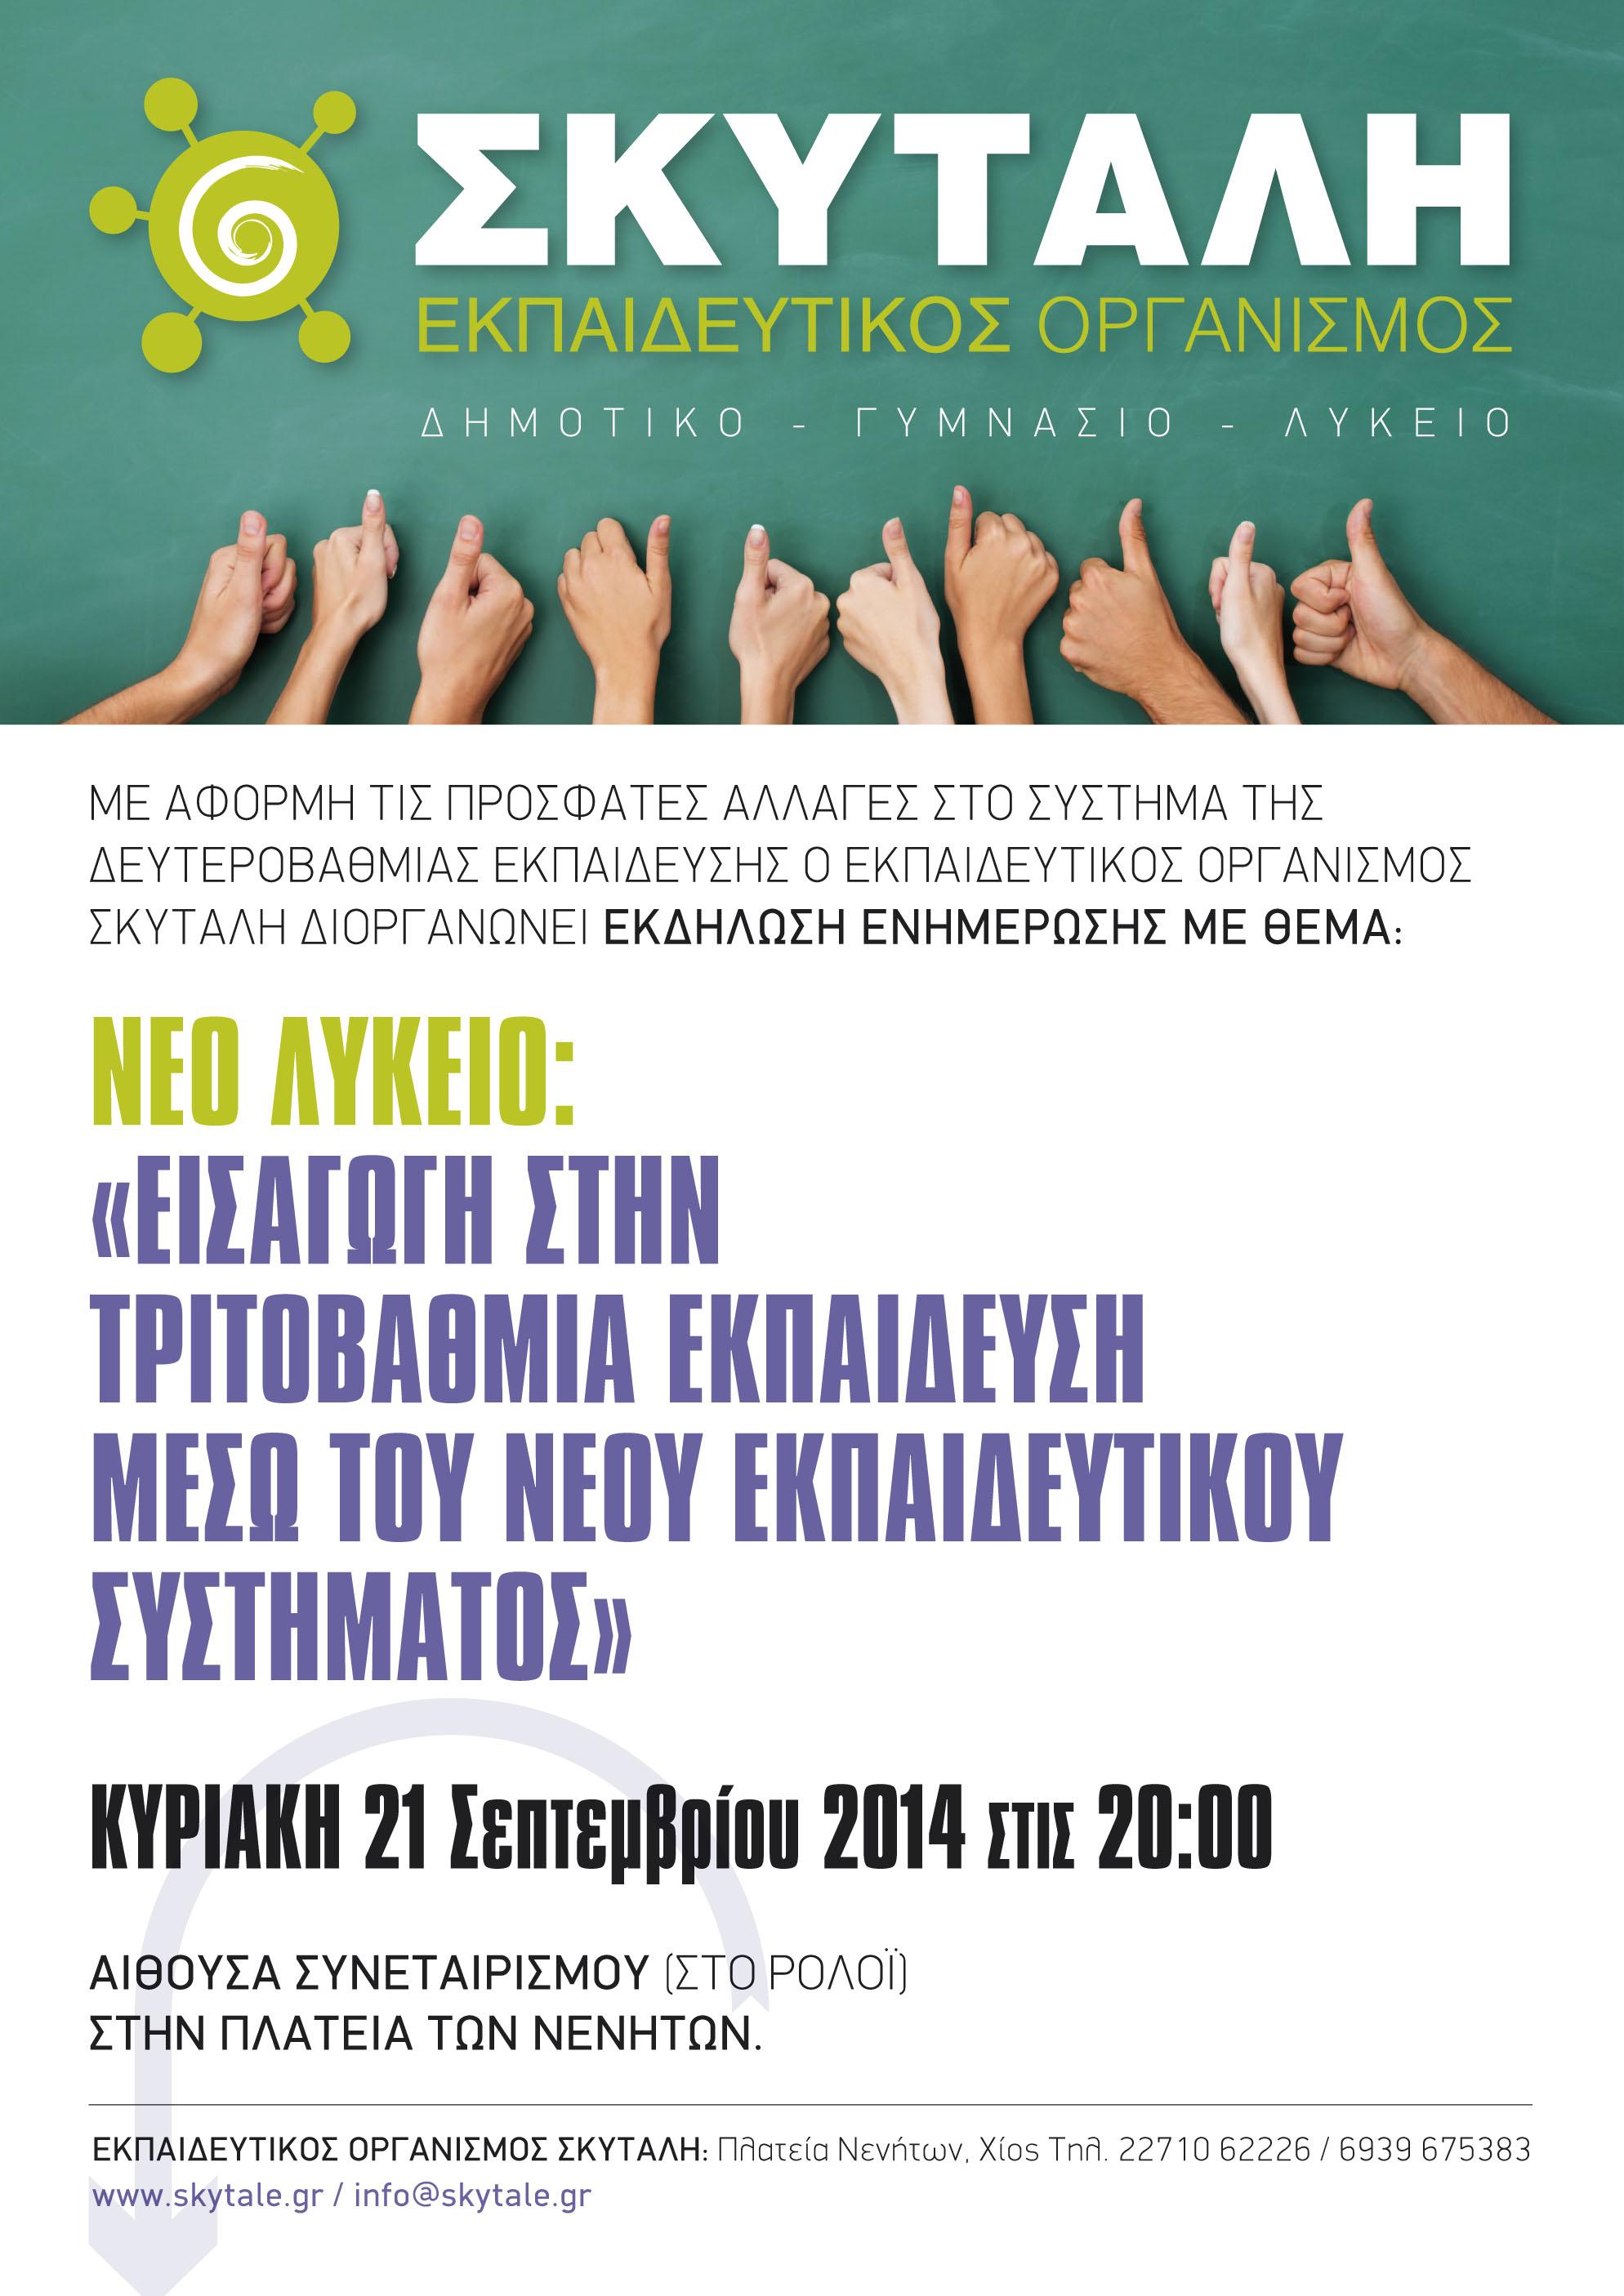 αφίσα εκδήλωσης Λυκείου